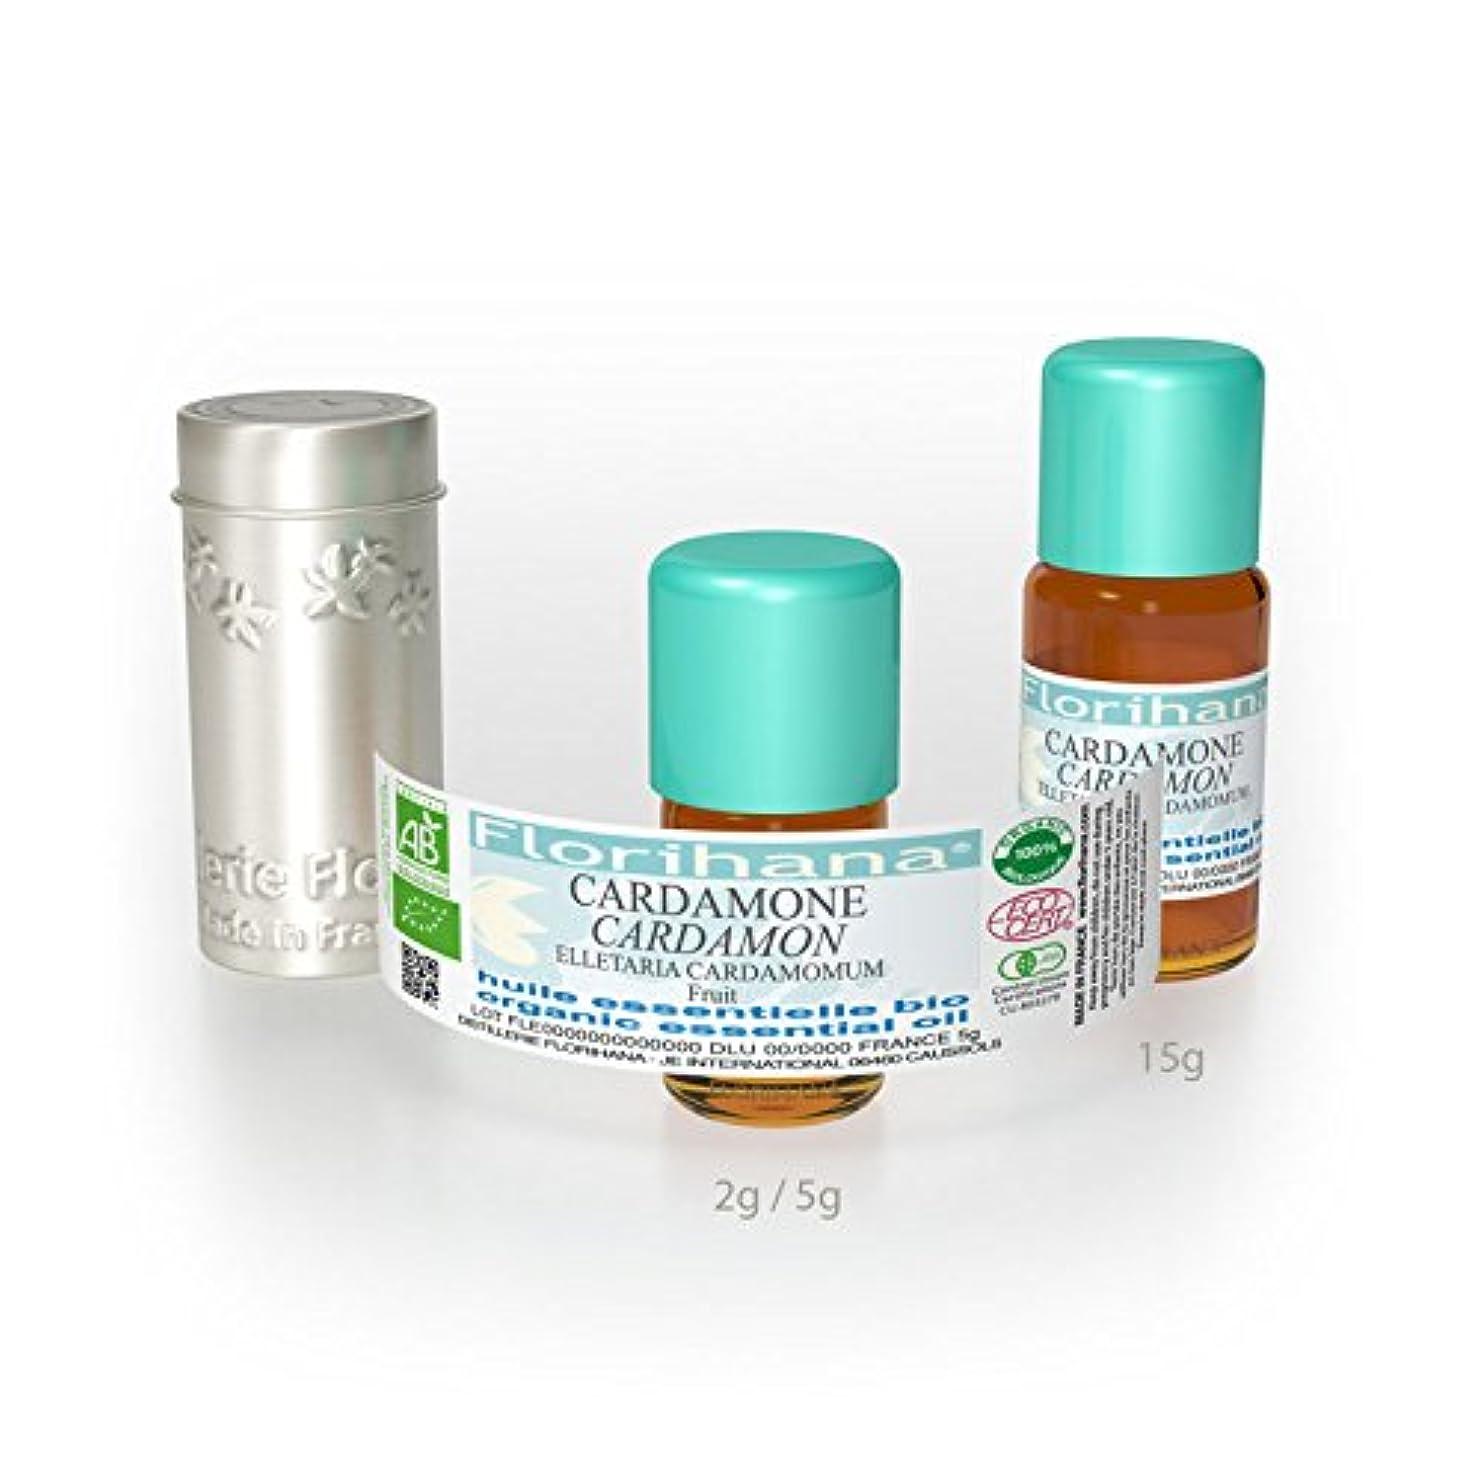 キモいシャープ合法オーガニック エッセンシャルオイル カルダモン 5g(5.3ml)